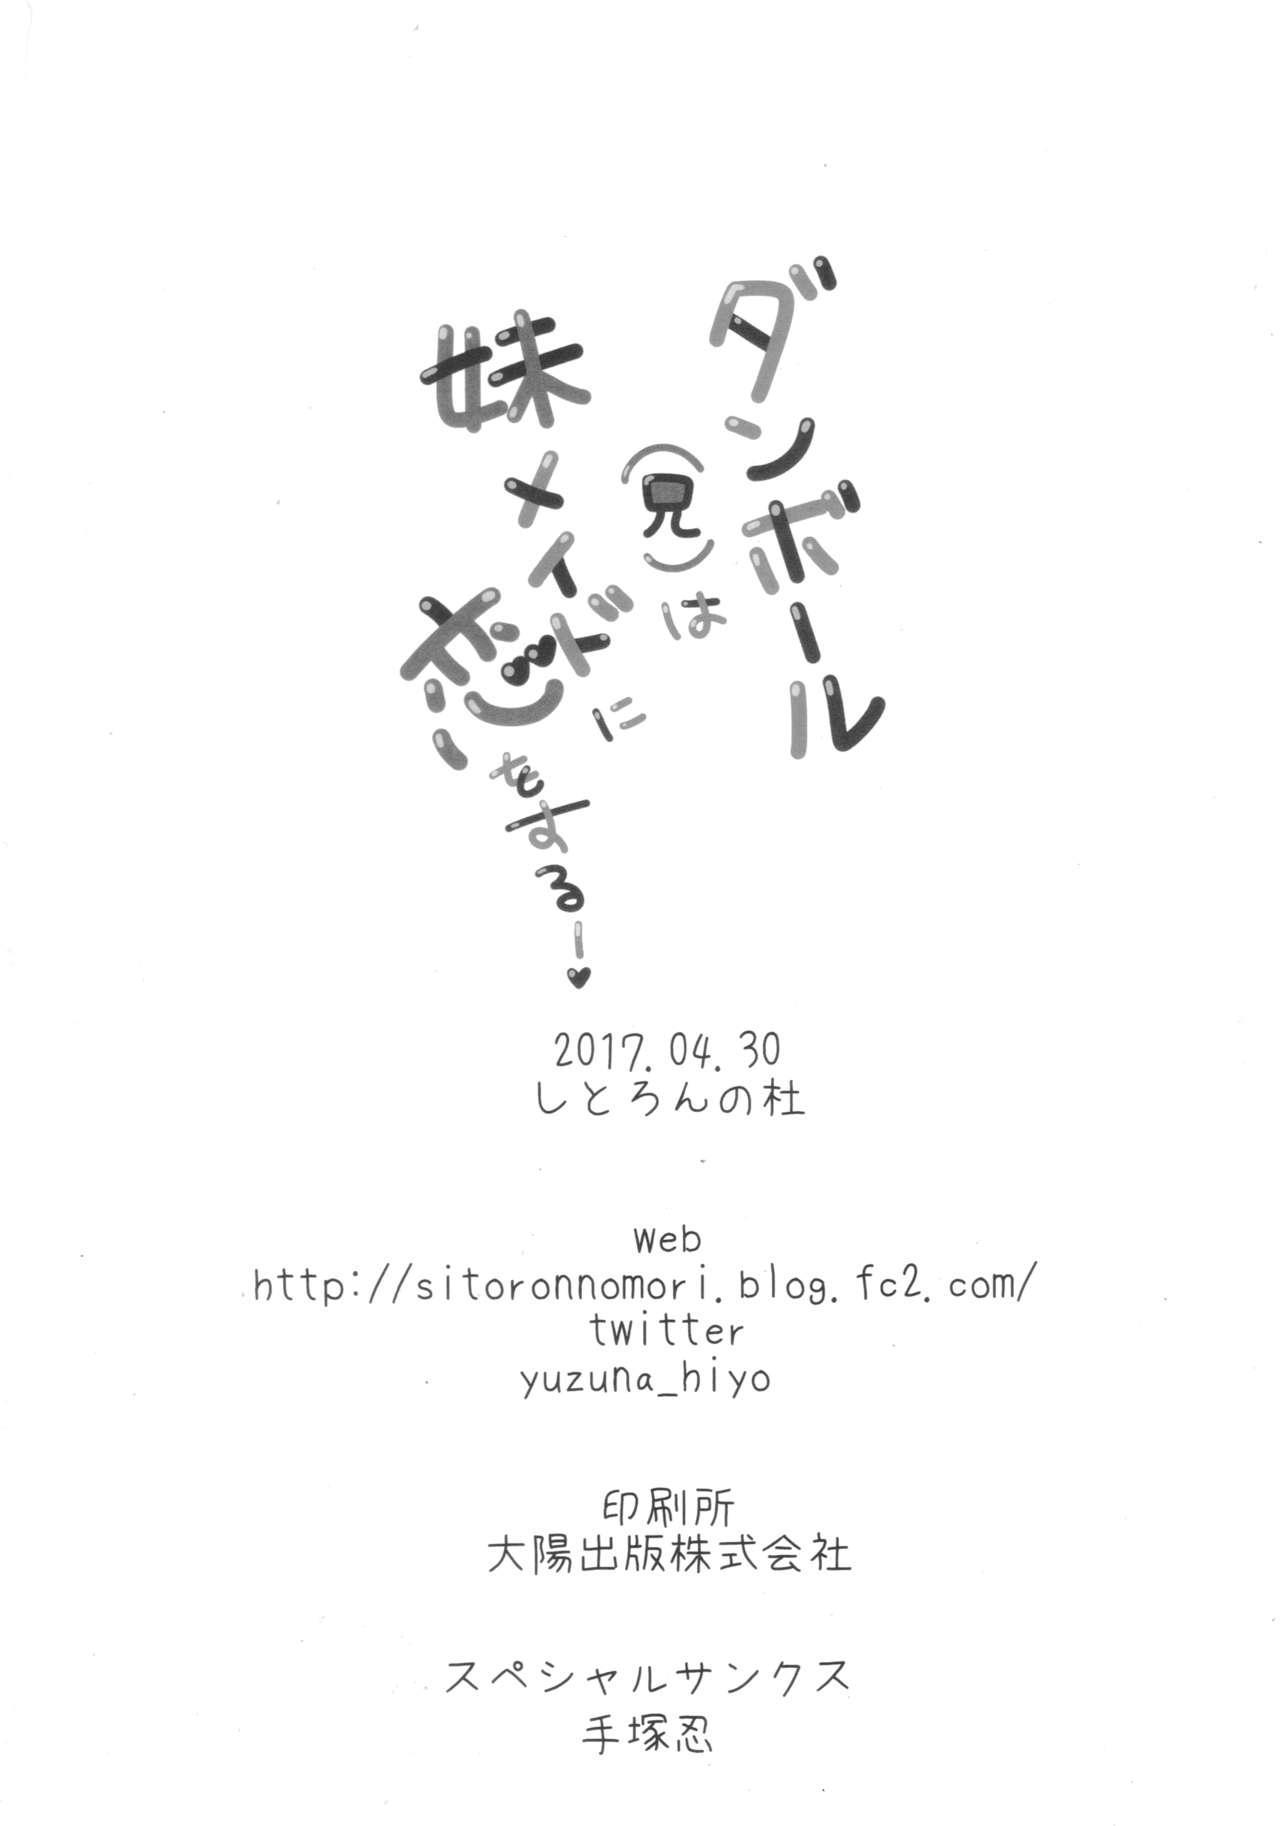 (COMIC1☆11) [Citron no mori (Yuzuna Hiyo)] Danbooru (Ani) wa Imouto Maid ni Koi o Suru! 16